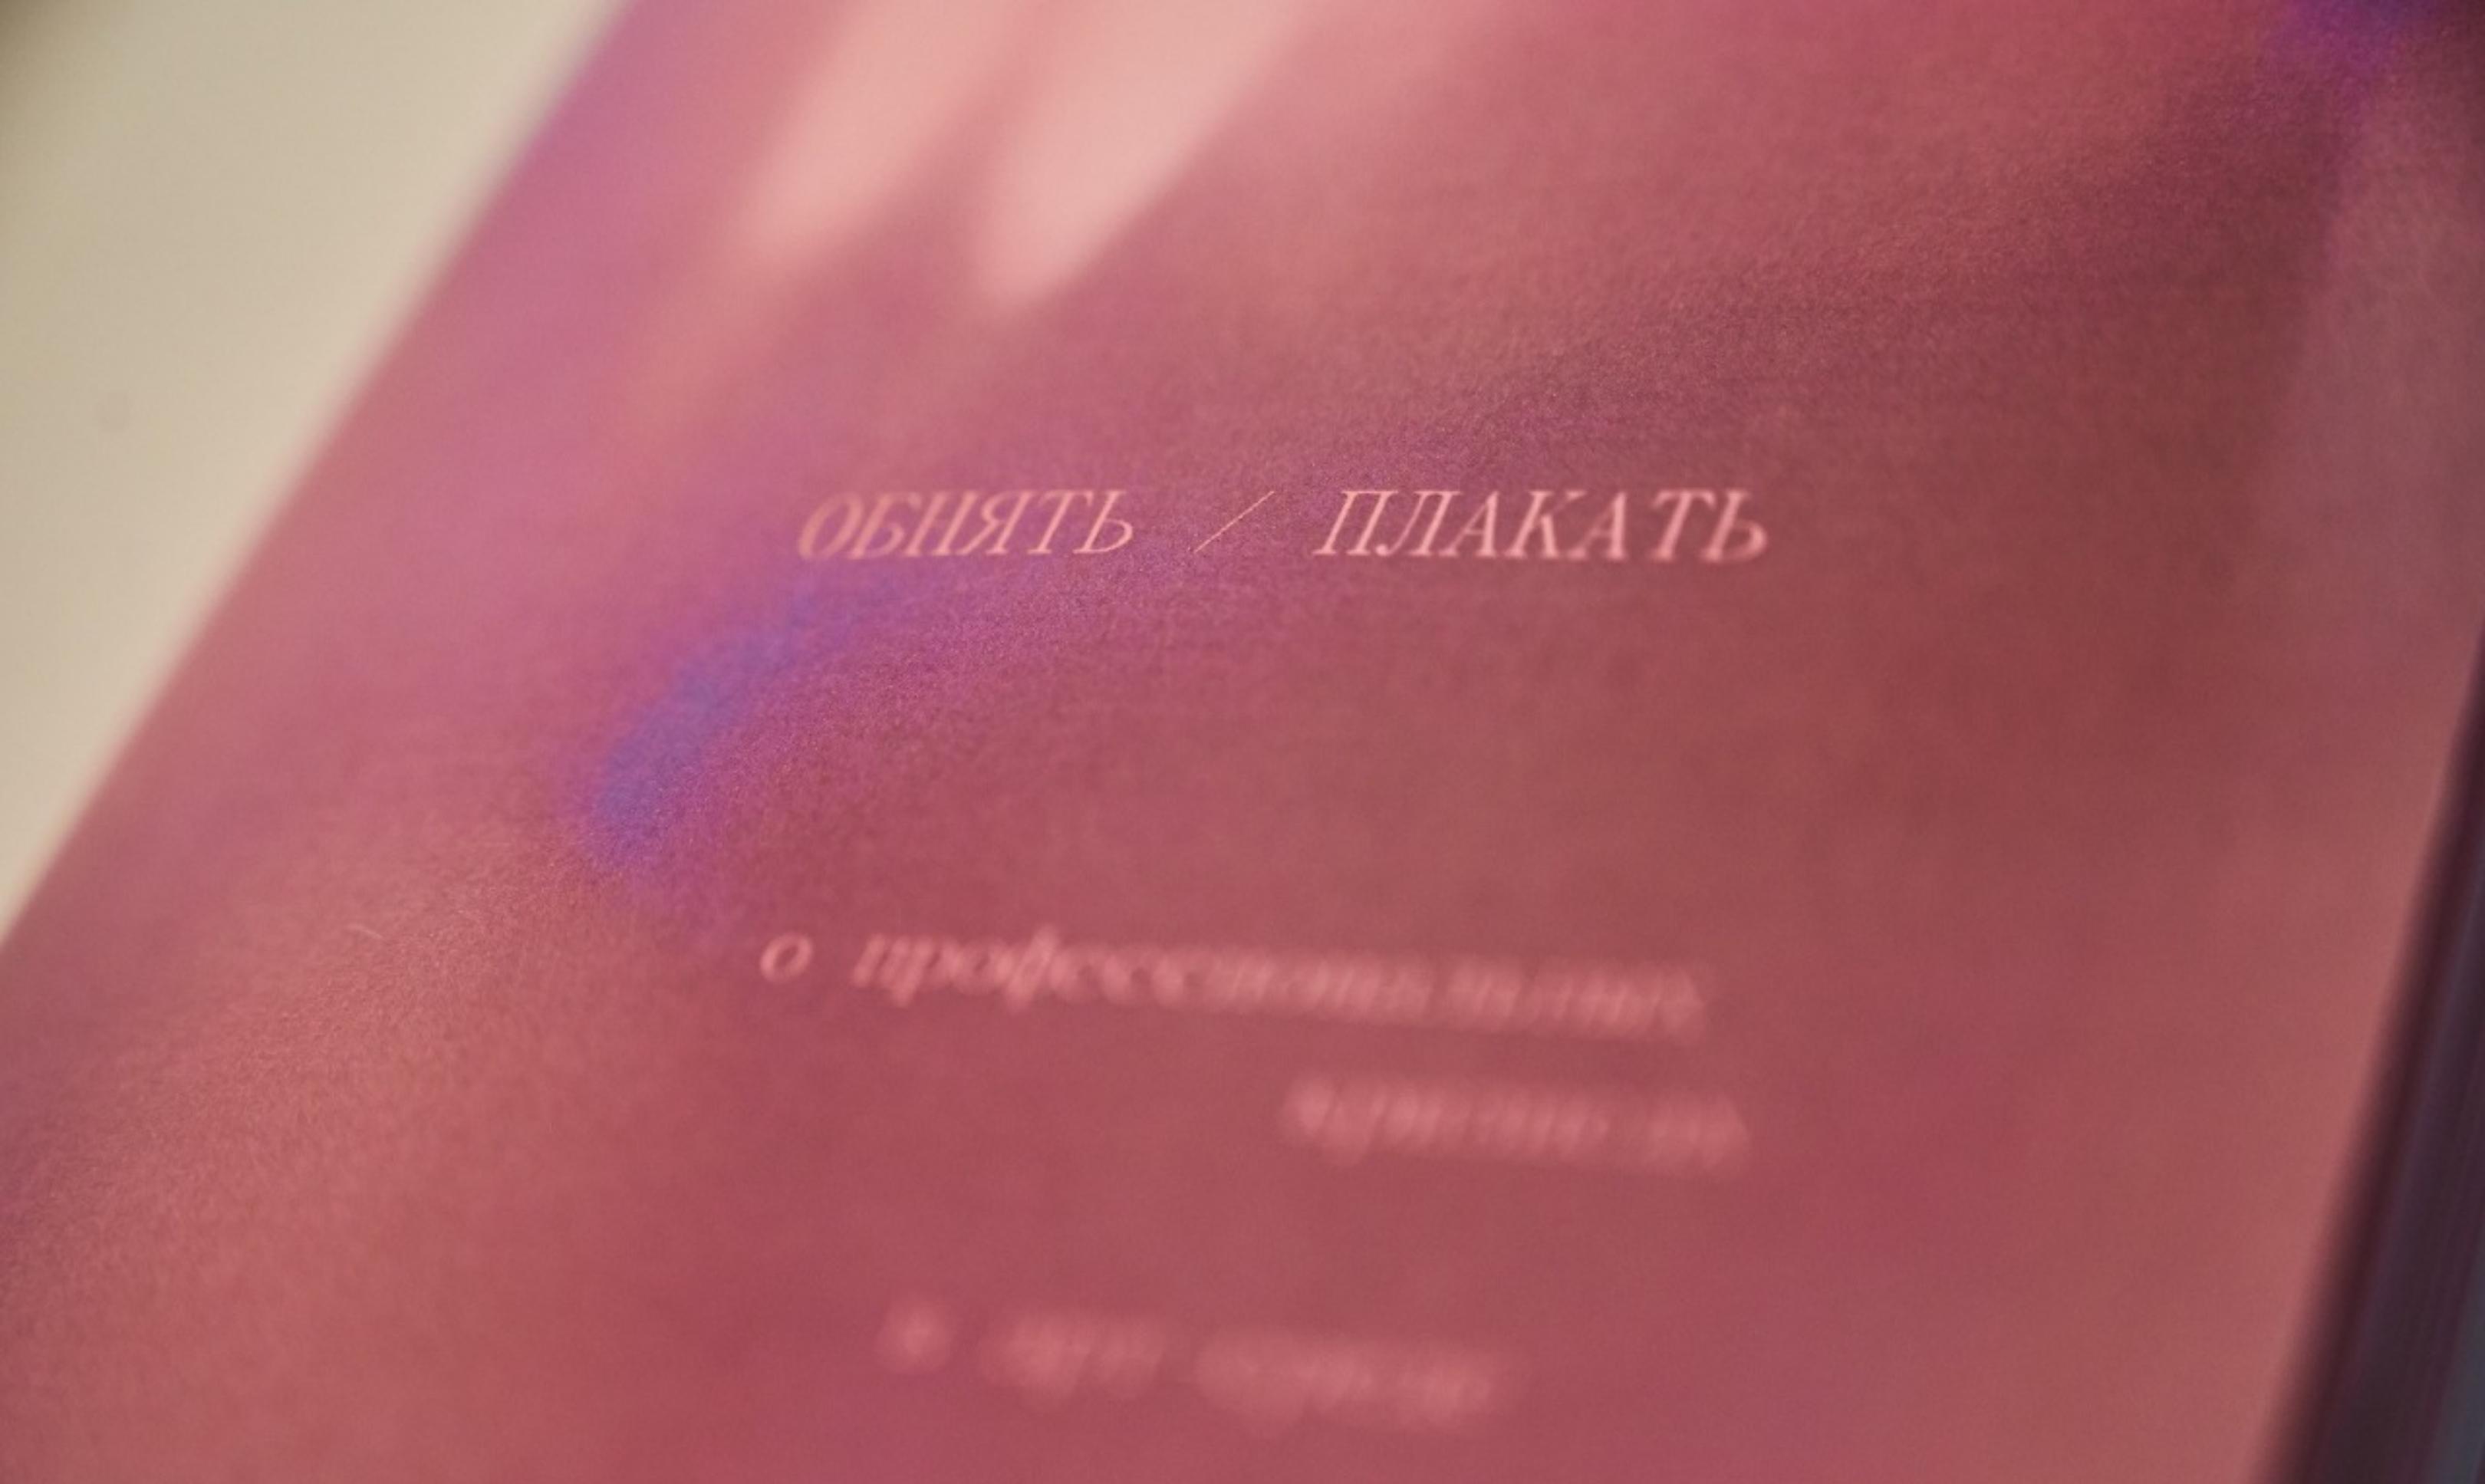 О кризисе в творчестве: в рамках спецпроекта биеннале пройдет читка малотиражного самиздата «Обнять/плакать»